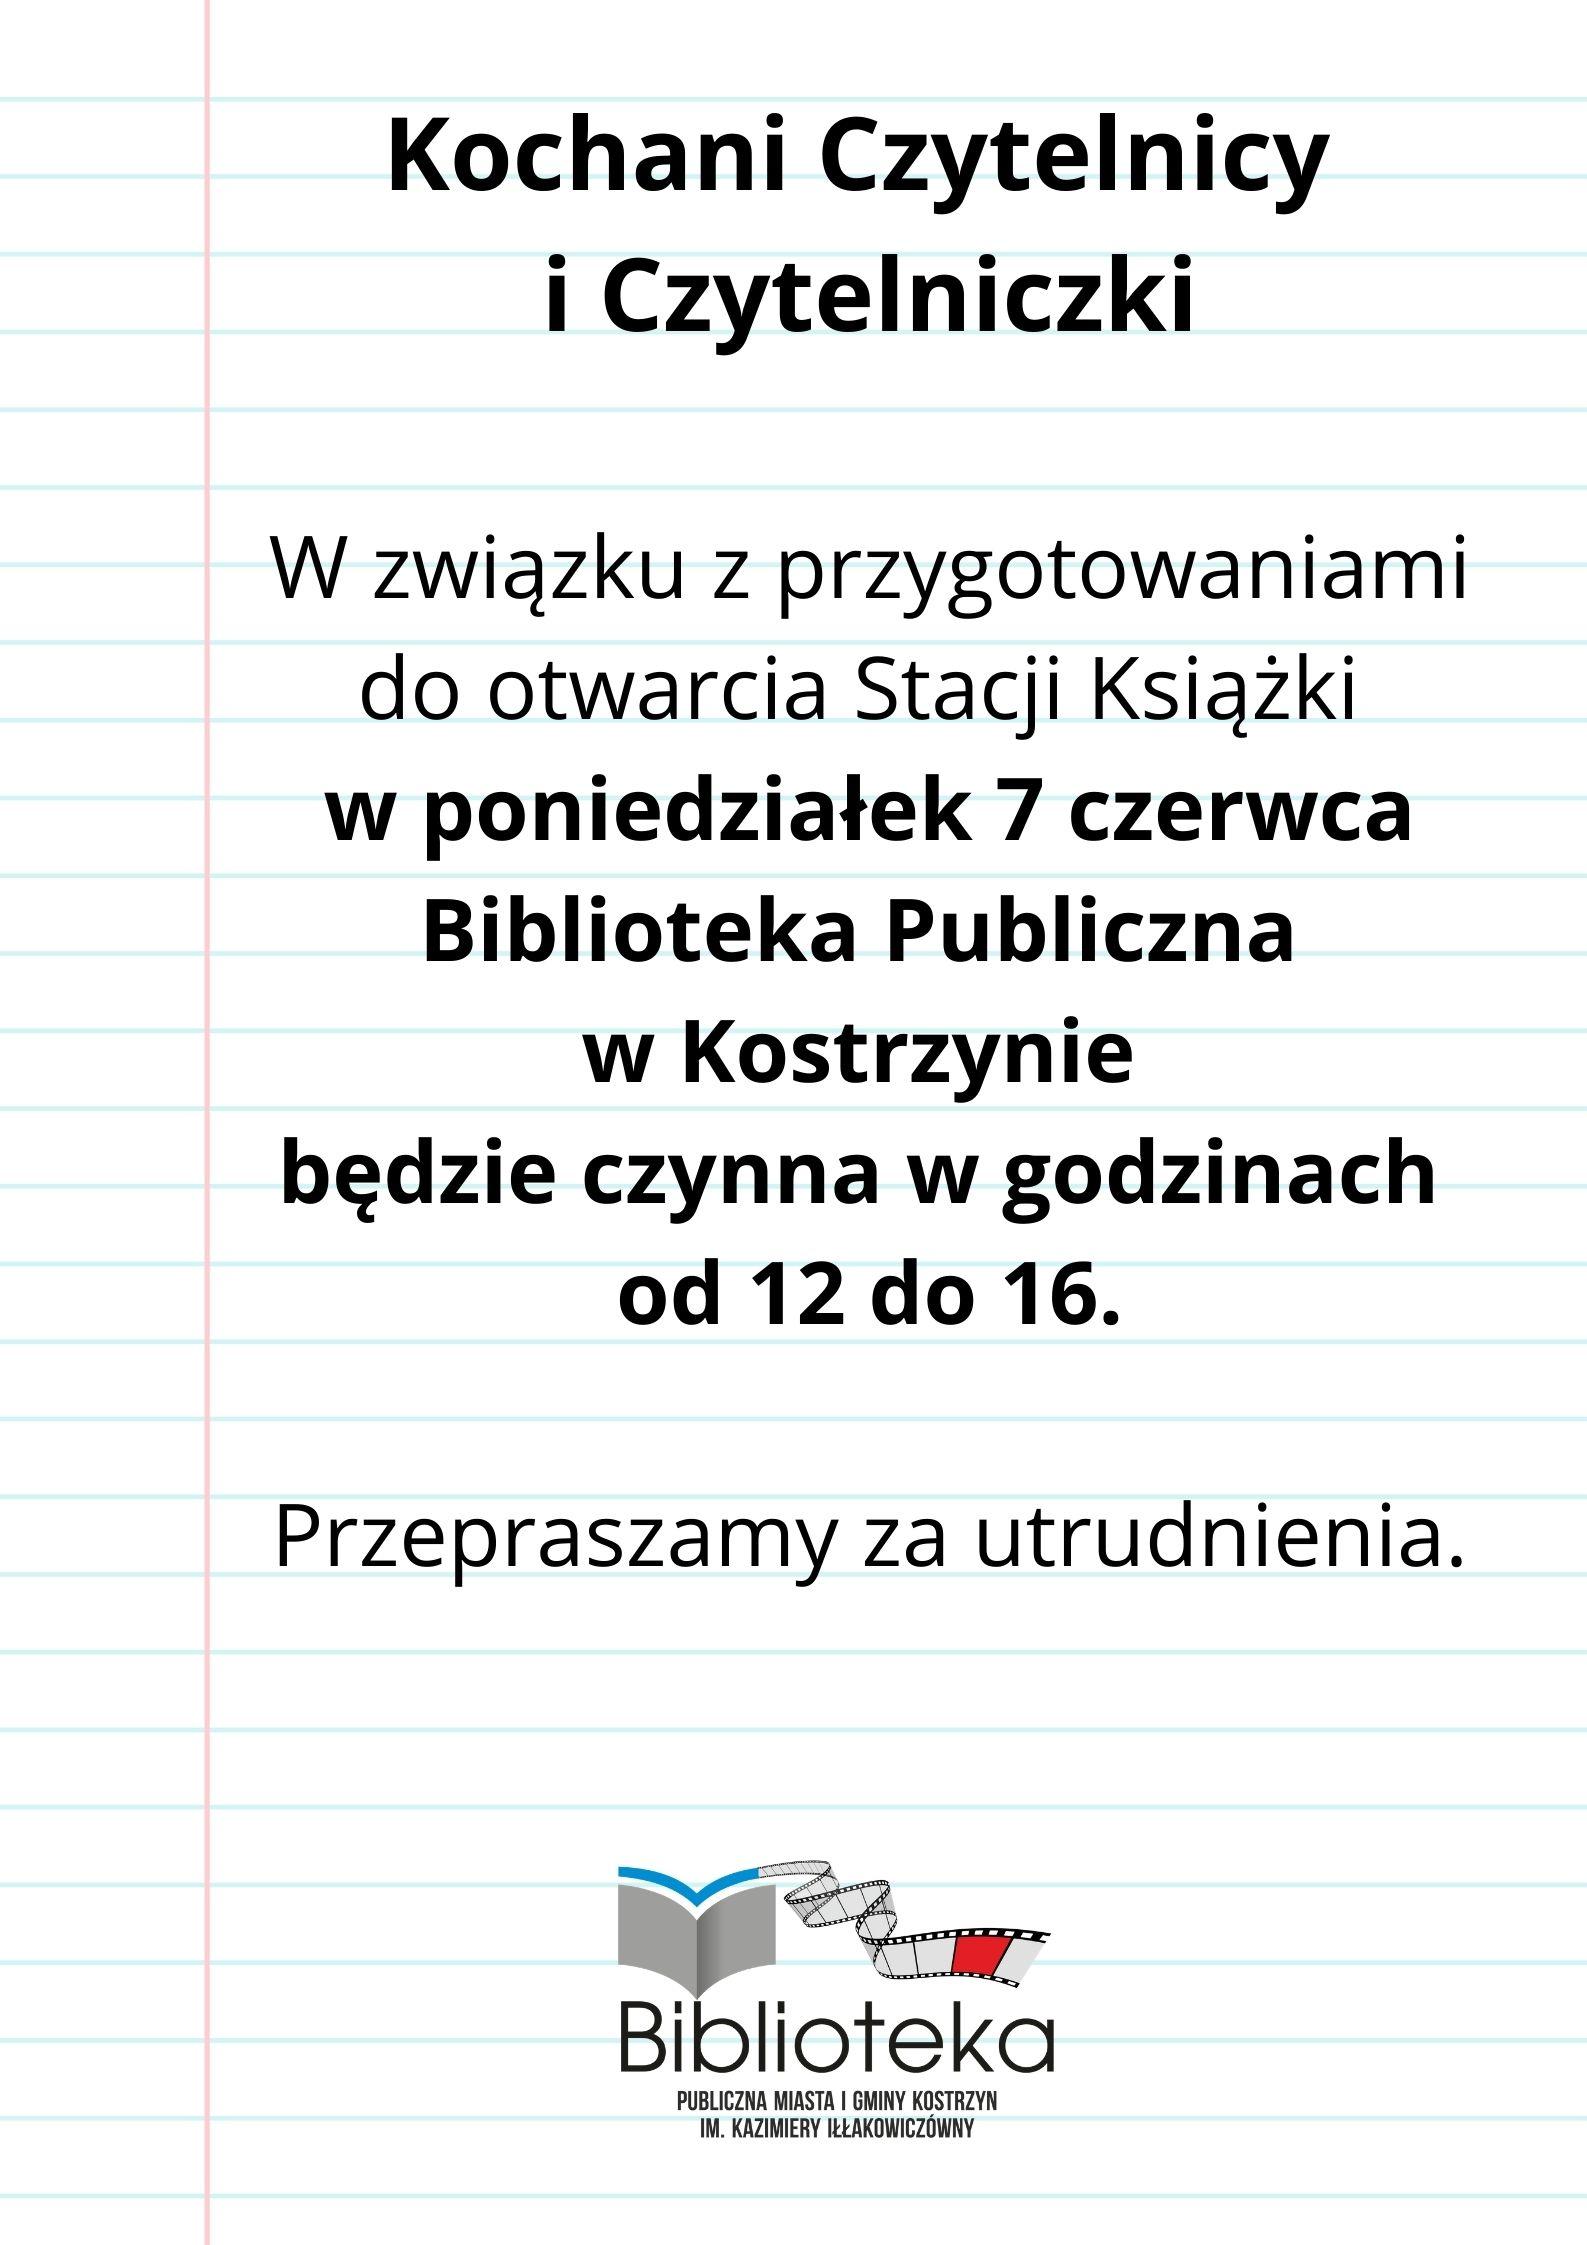 kartka z notatnika o zmianie godzin pracy biblioteki w dniu 7 czerwca